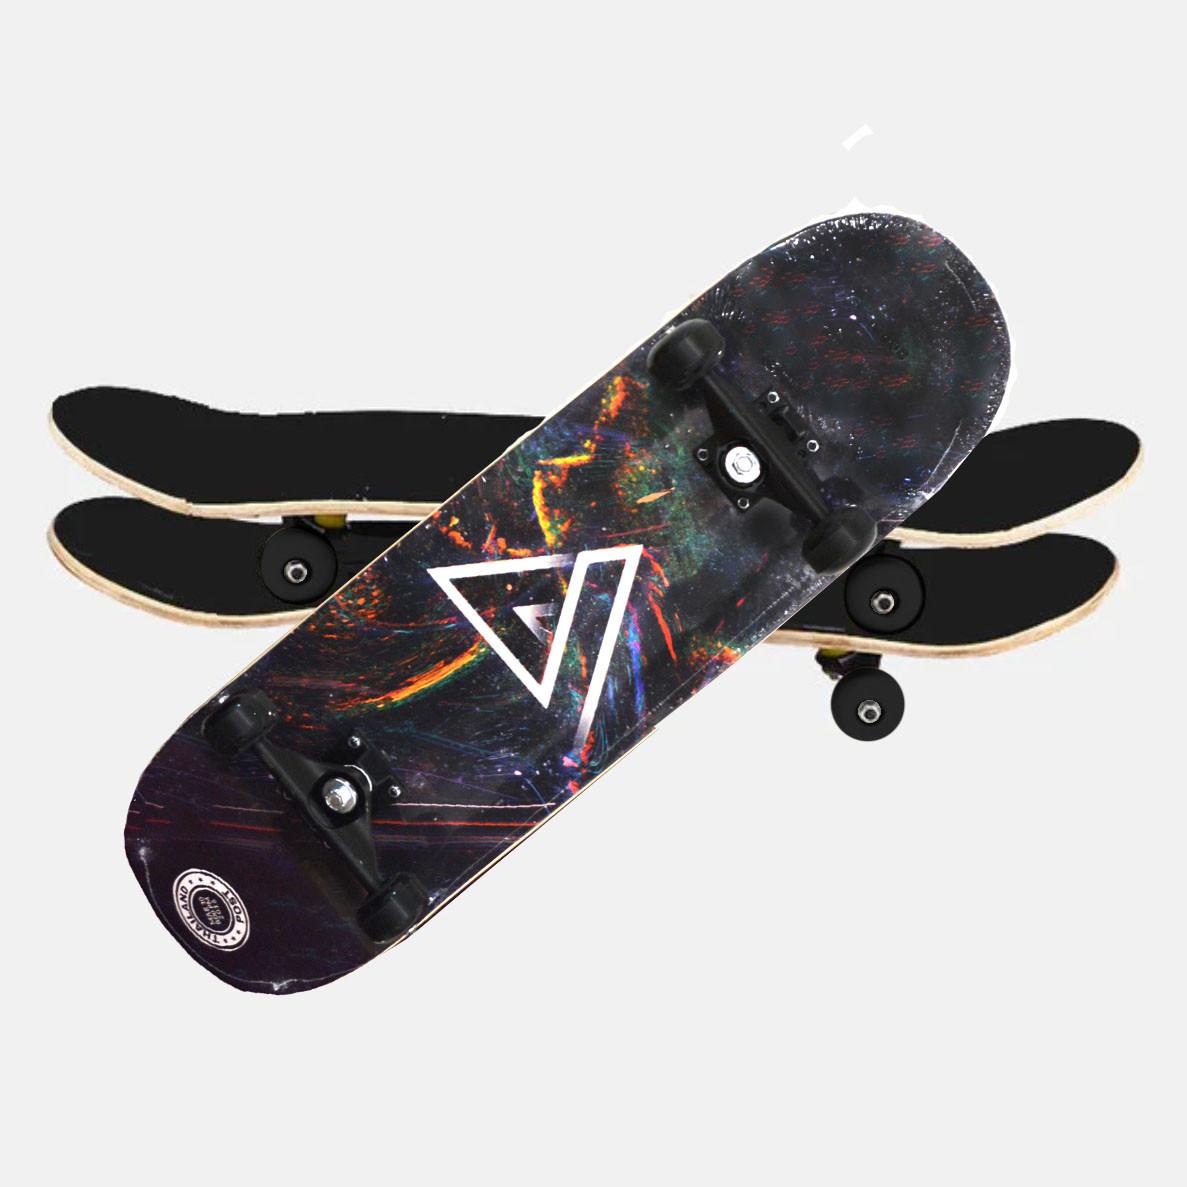 Скейтборды подростковые с узором в нижней части деки 79х20 см BOBO с геометрической фигурой - фото 10